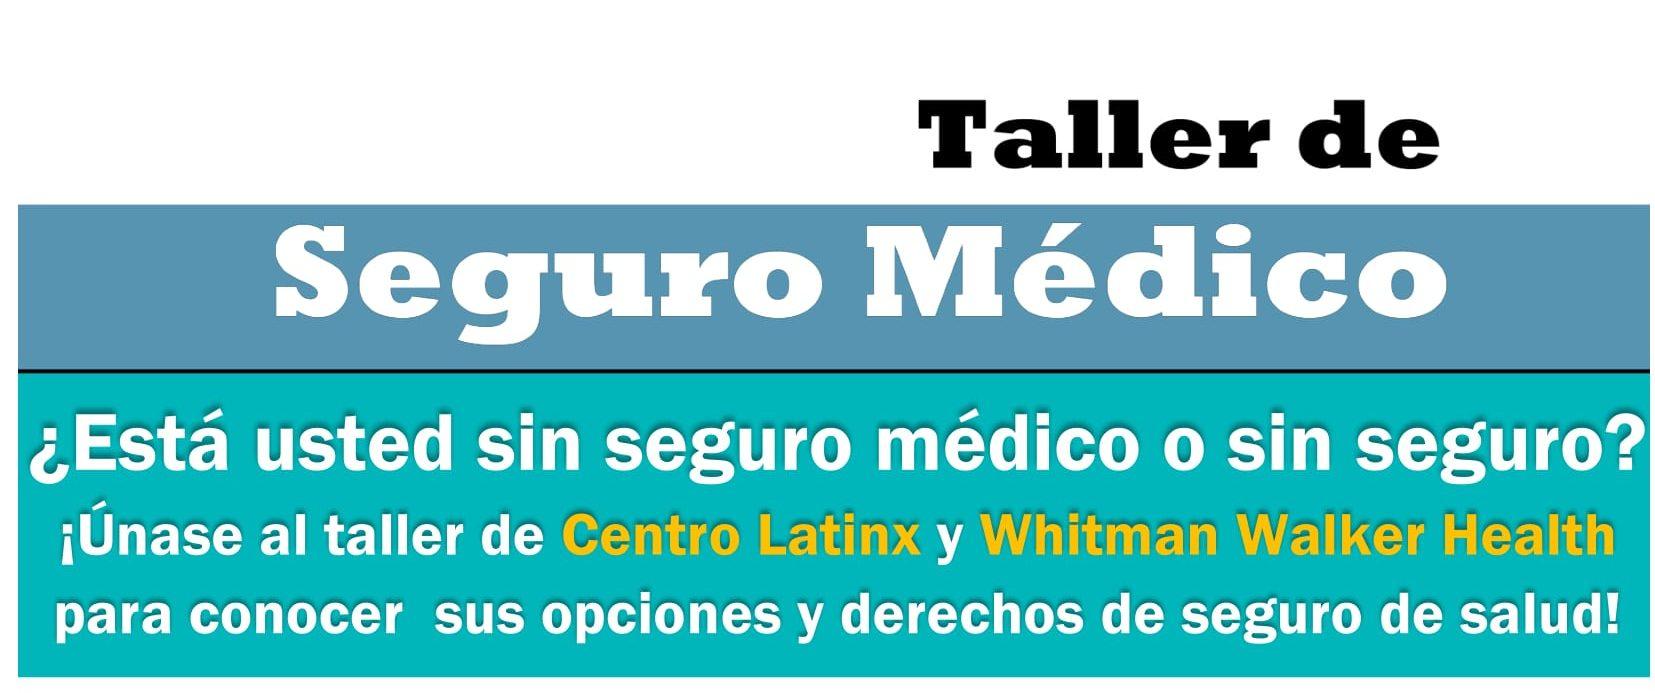 Centro Latinx Taller Seguro Medico